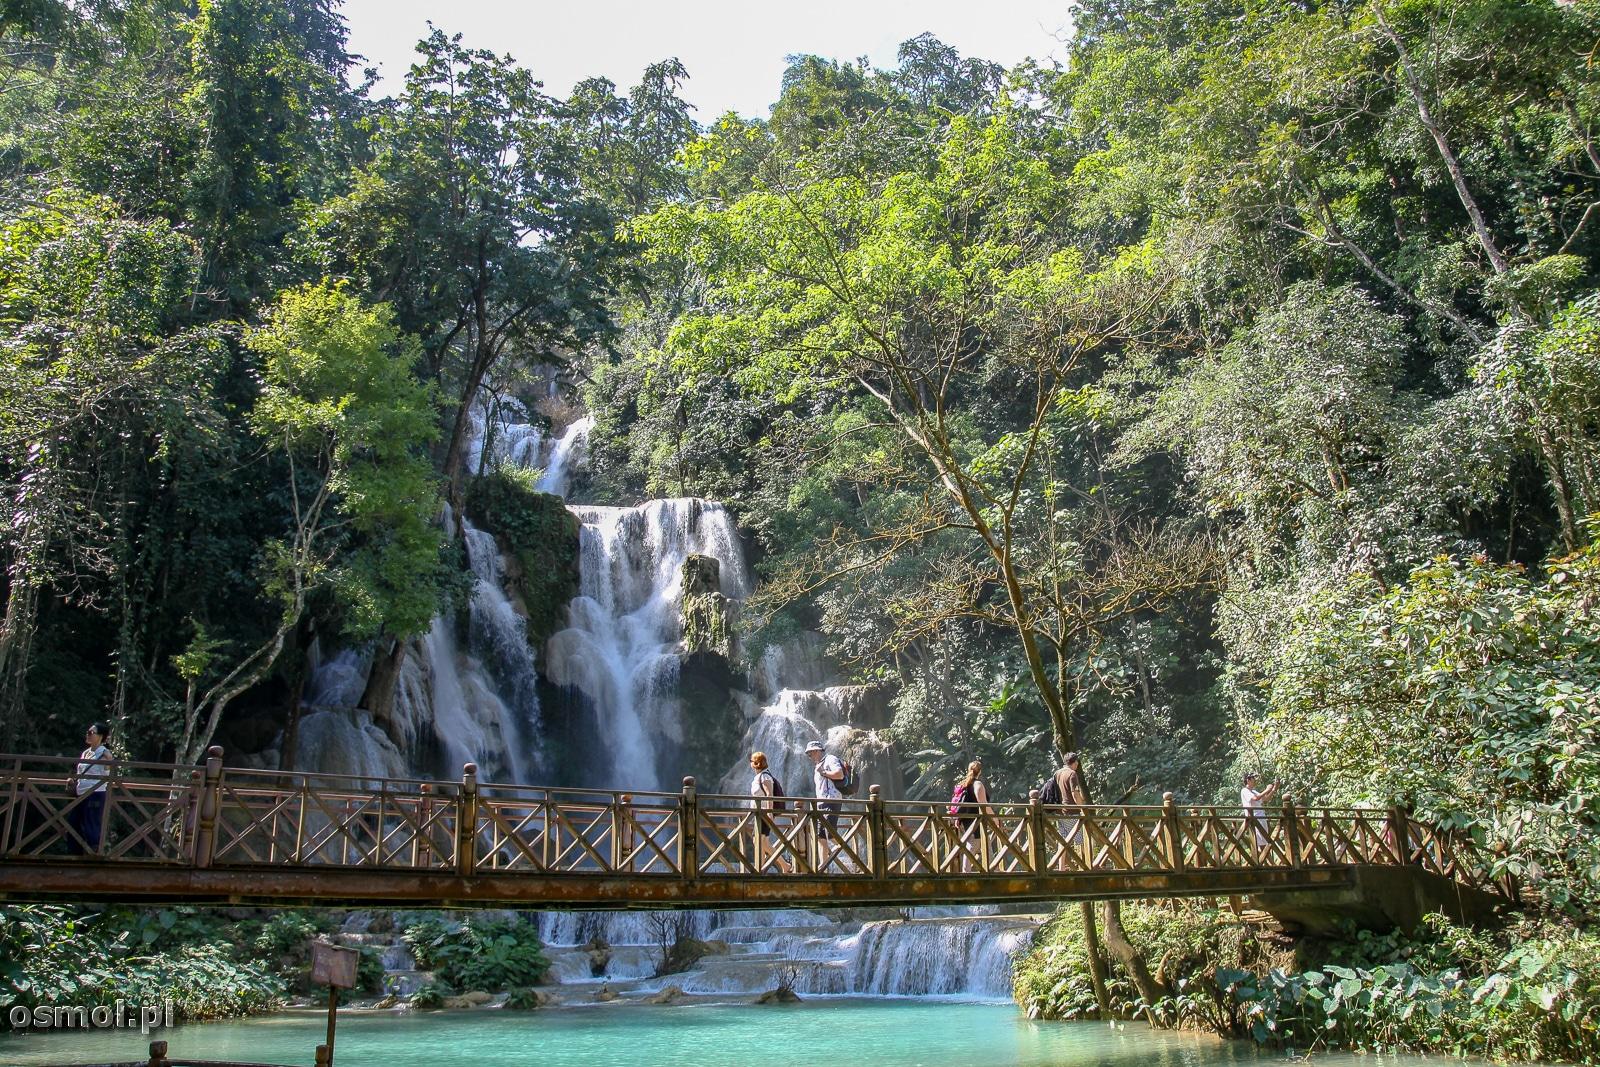 Kładka blisko wodospadu pozwala oglądać Kuang Si w pełnej krasie i z bliska